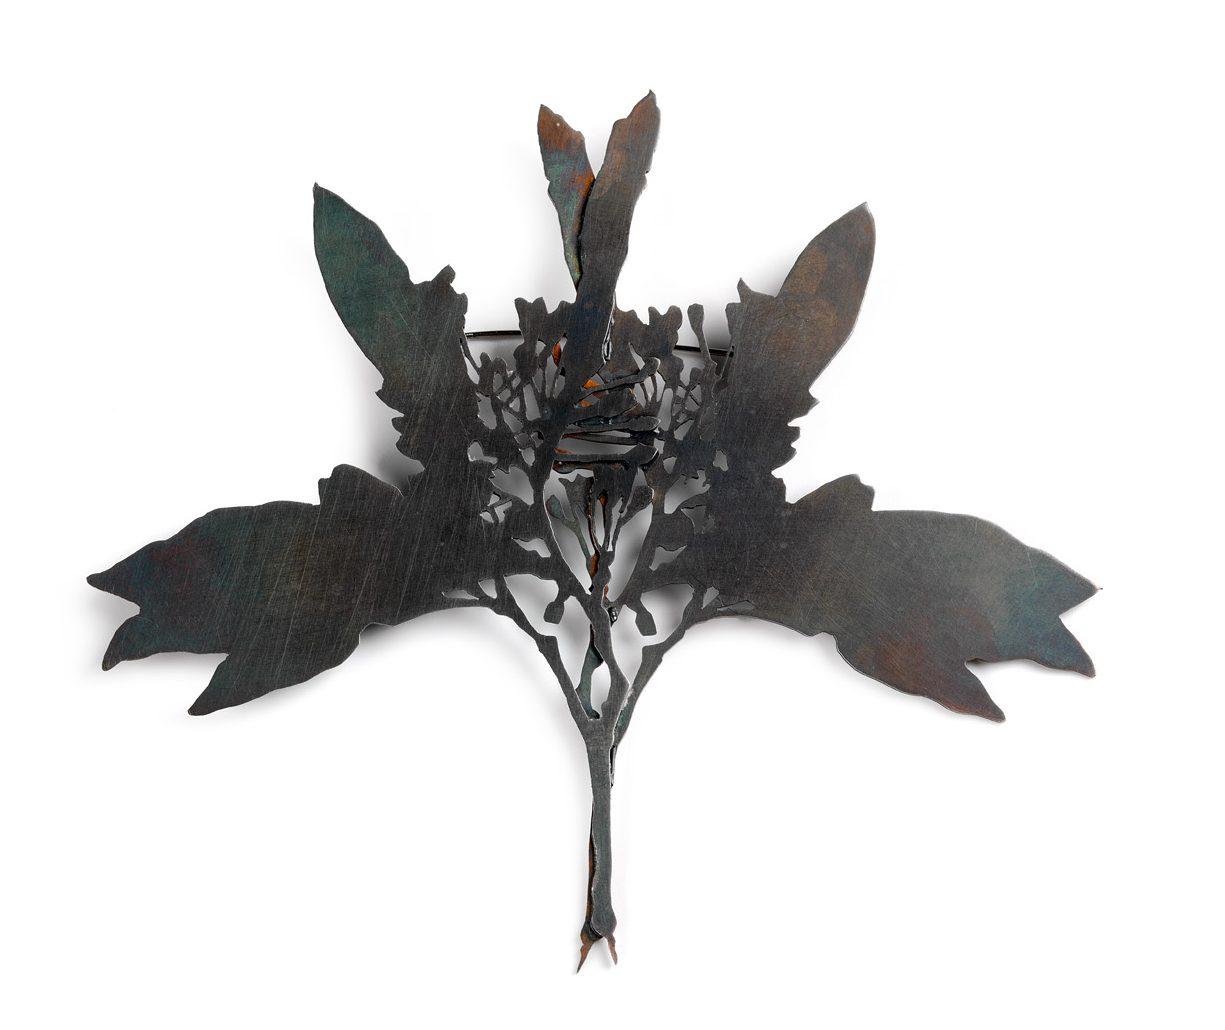 Marian Hosking, Blueberry ash, broche, 2008. Collectie Daalder. Foto met dank aan Art Gallery of South Australia, Grant Hancock©